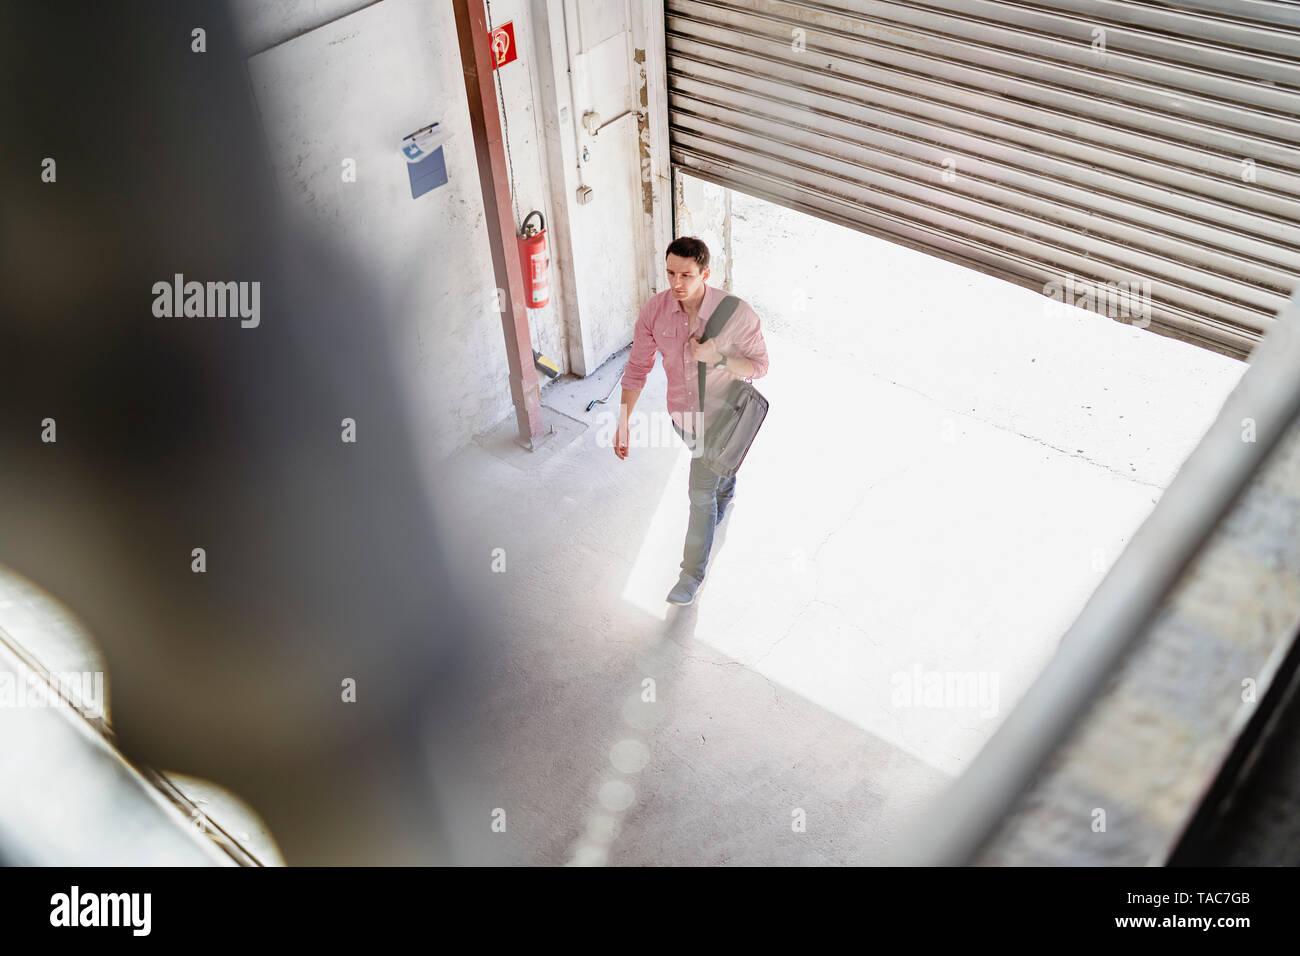 Vista de pájaro del empleado al caminar por la bahía de carga en una fábrica Foto de stock